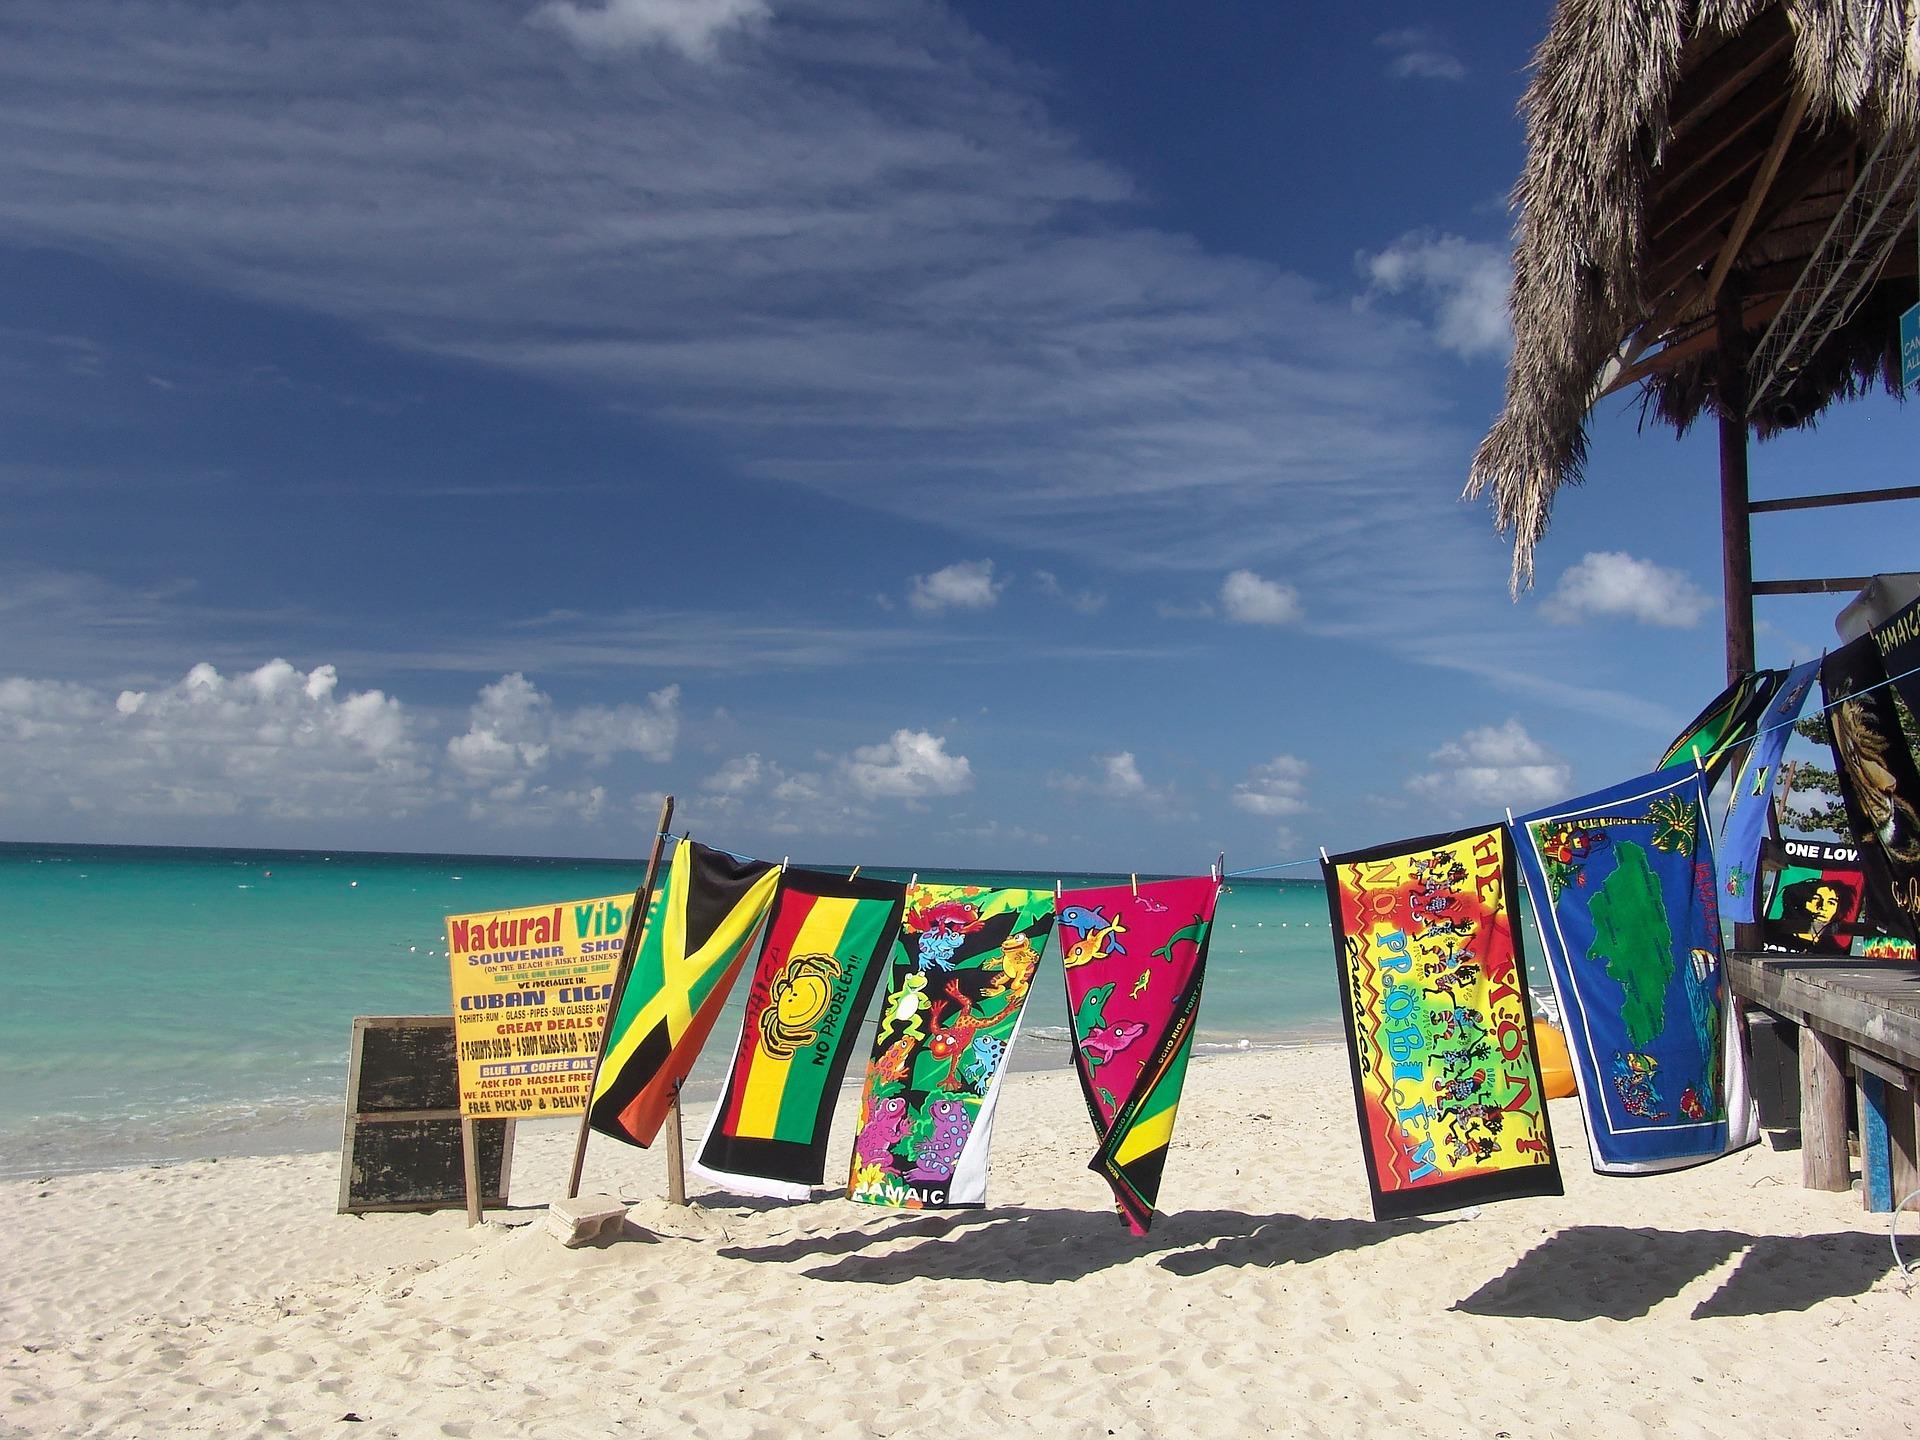 beach-1029014_1920.jpg